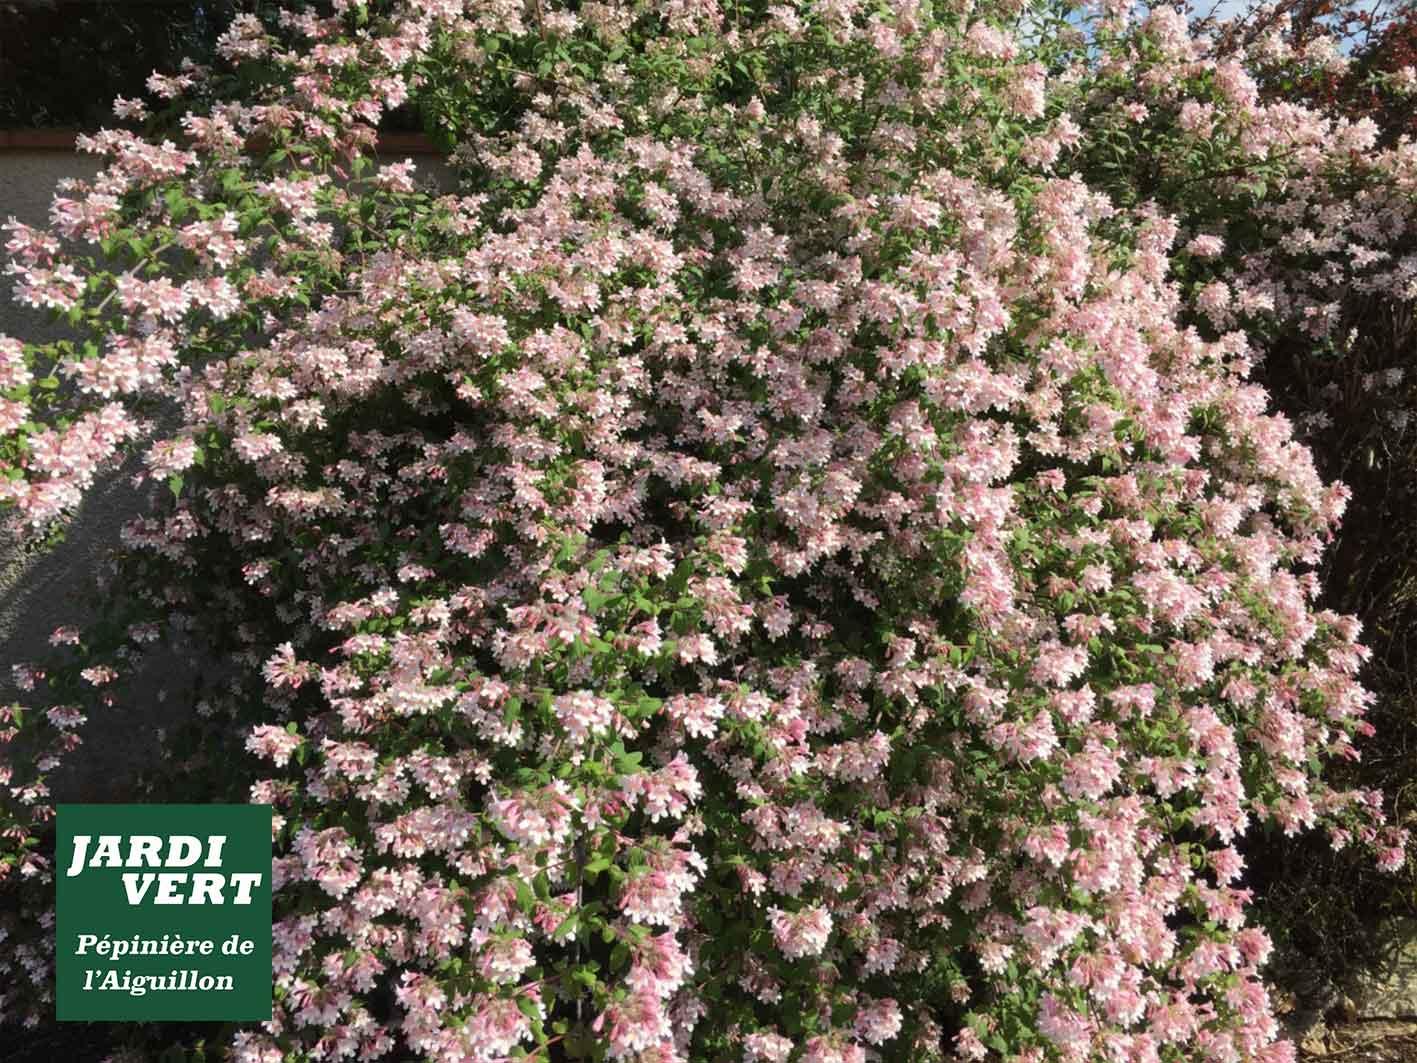 Planter des buissons à fleurs décoratifs comme le deutzia - Jardinerie de l'Aiguillon